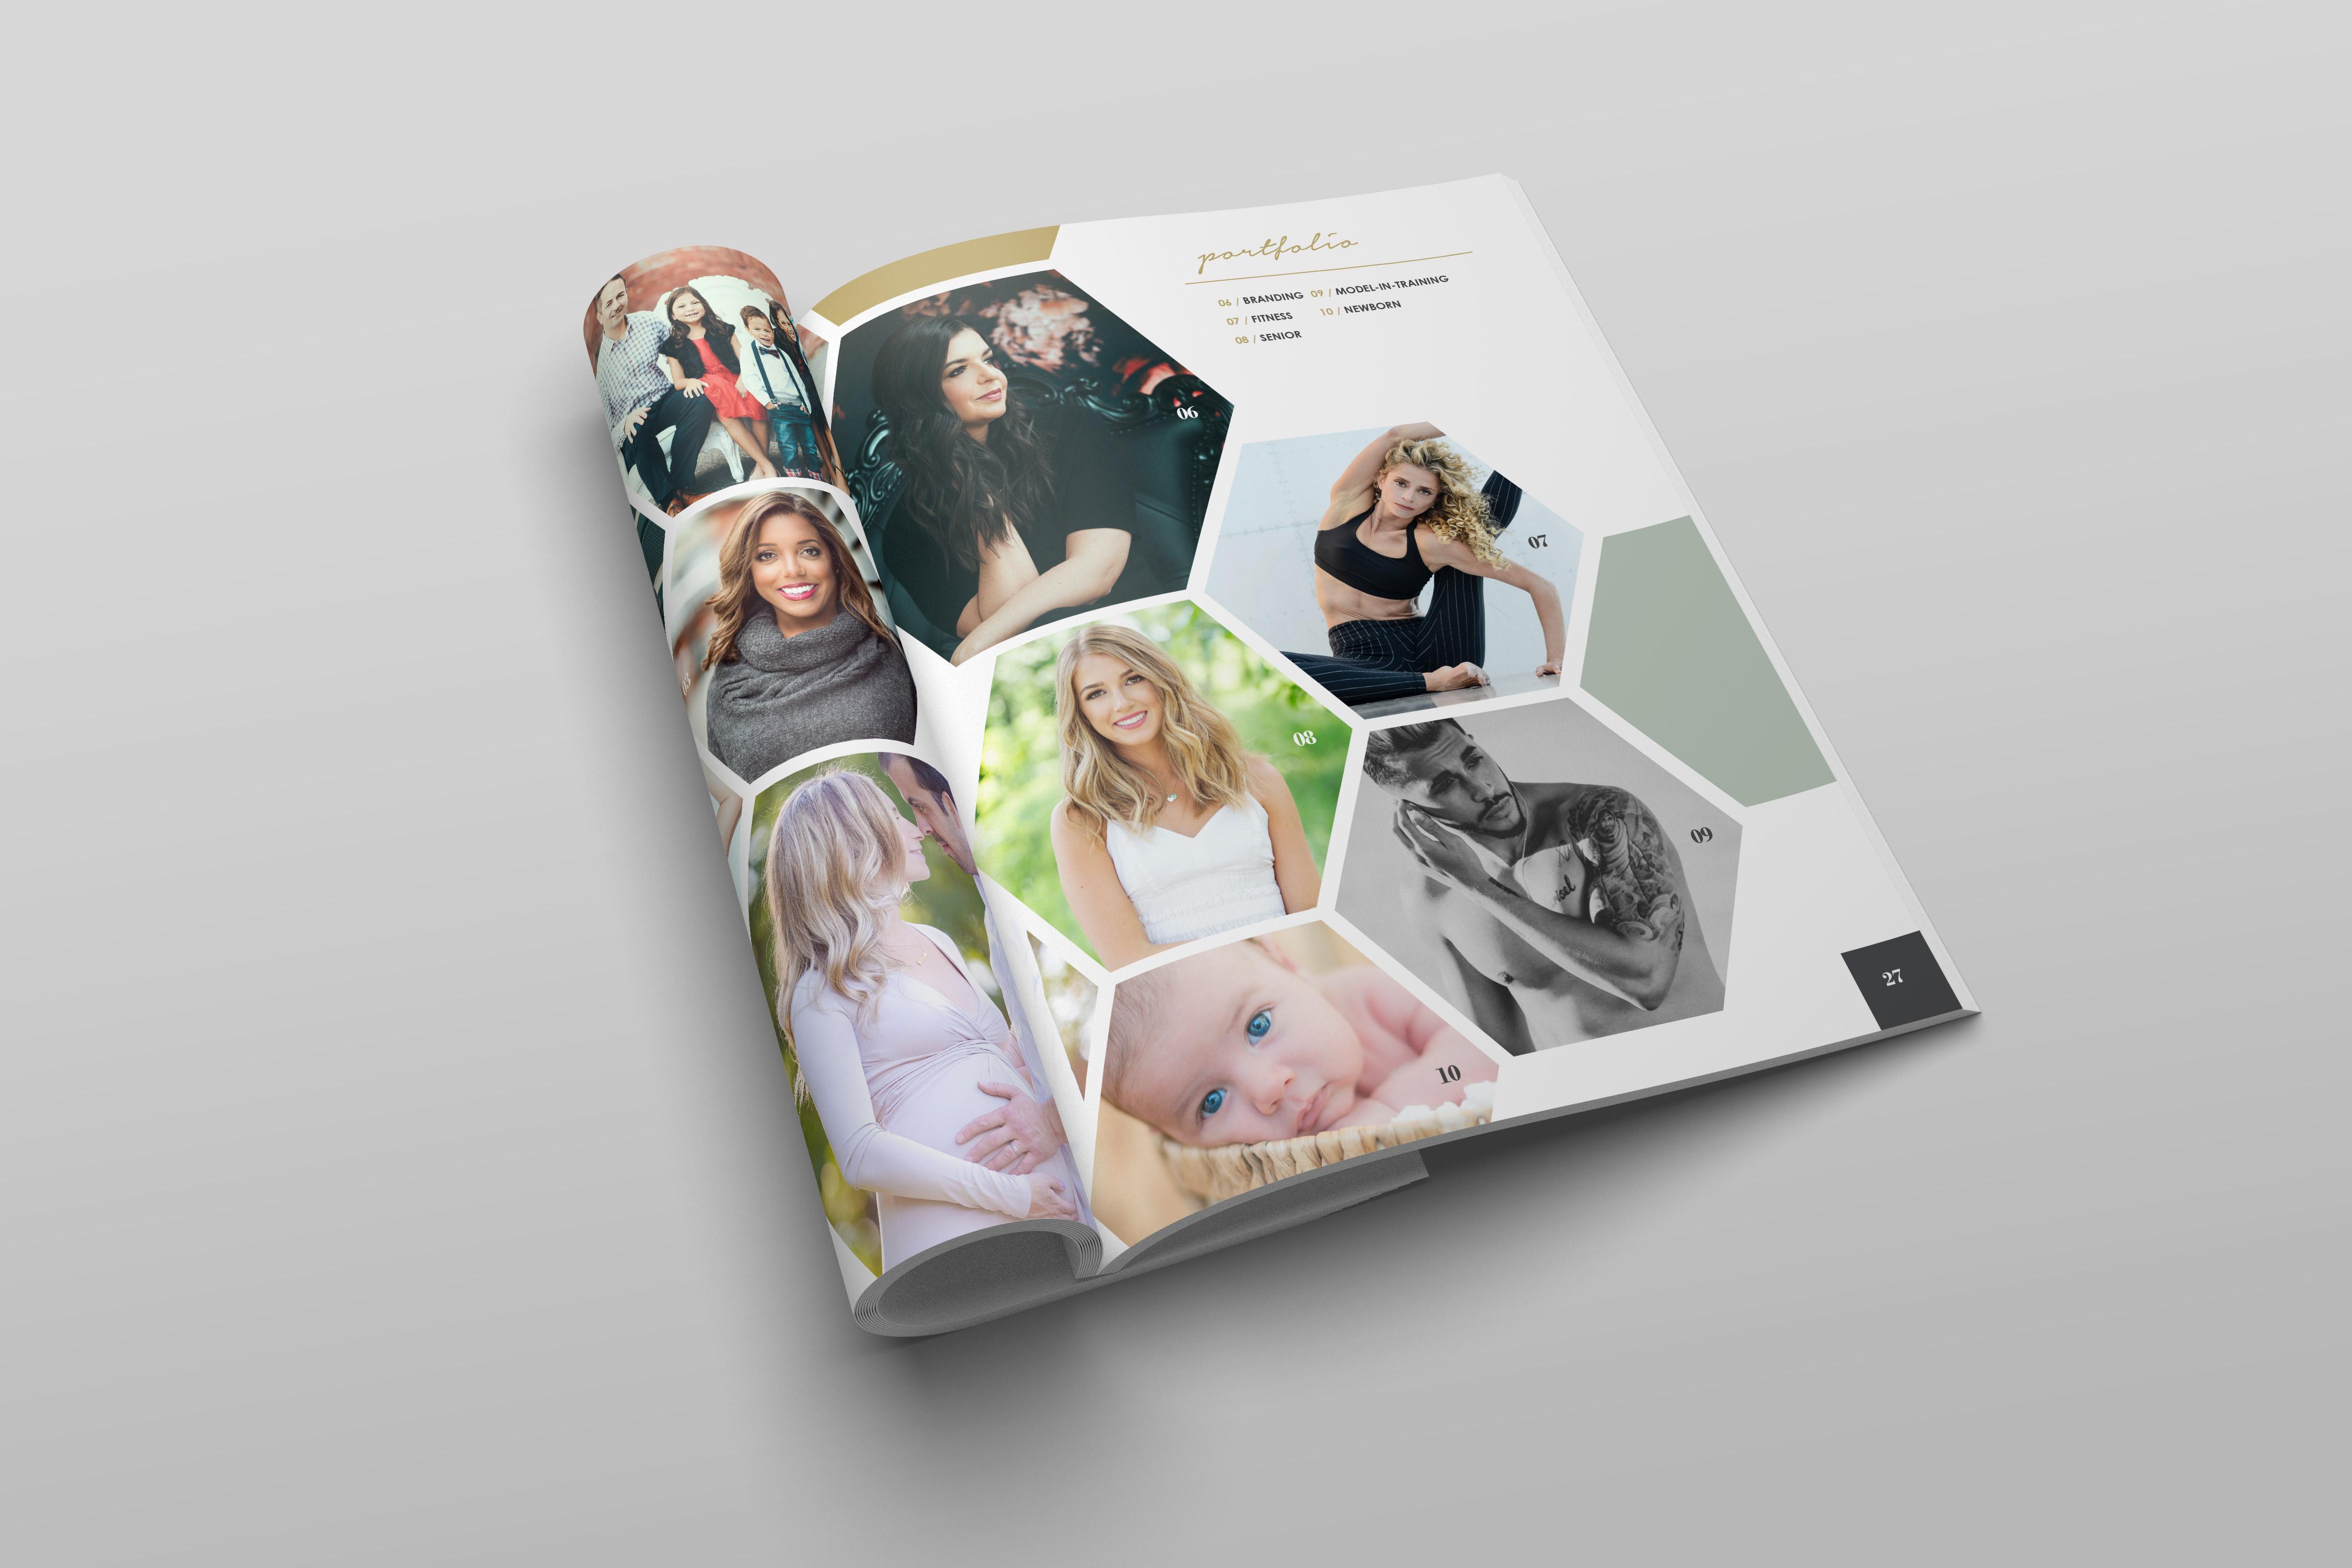 Sarah-Cas-Branding-&-Design-PARLR-Magazine-Design-3